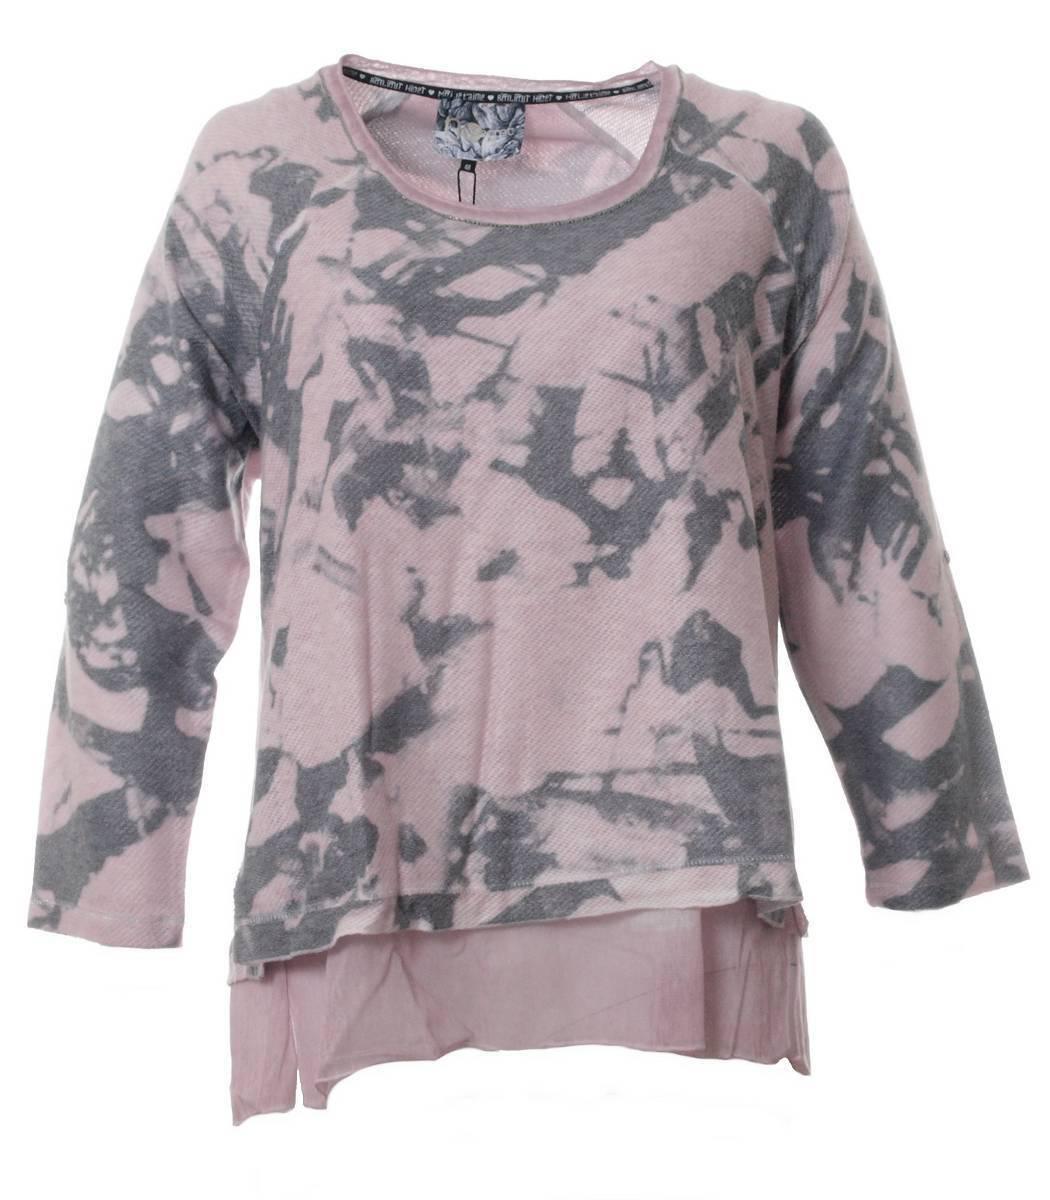 No Secret OverGröße Damen Pullover mit Untershirt in in in Tunikalänge Rosa | Shopping Online  e3349c